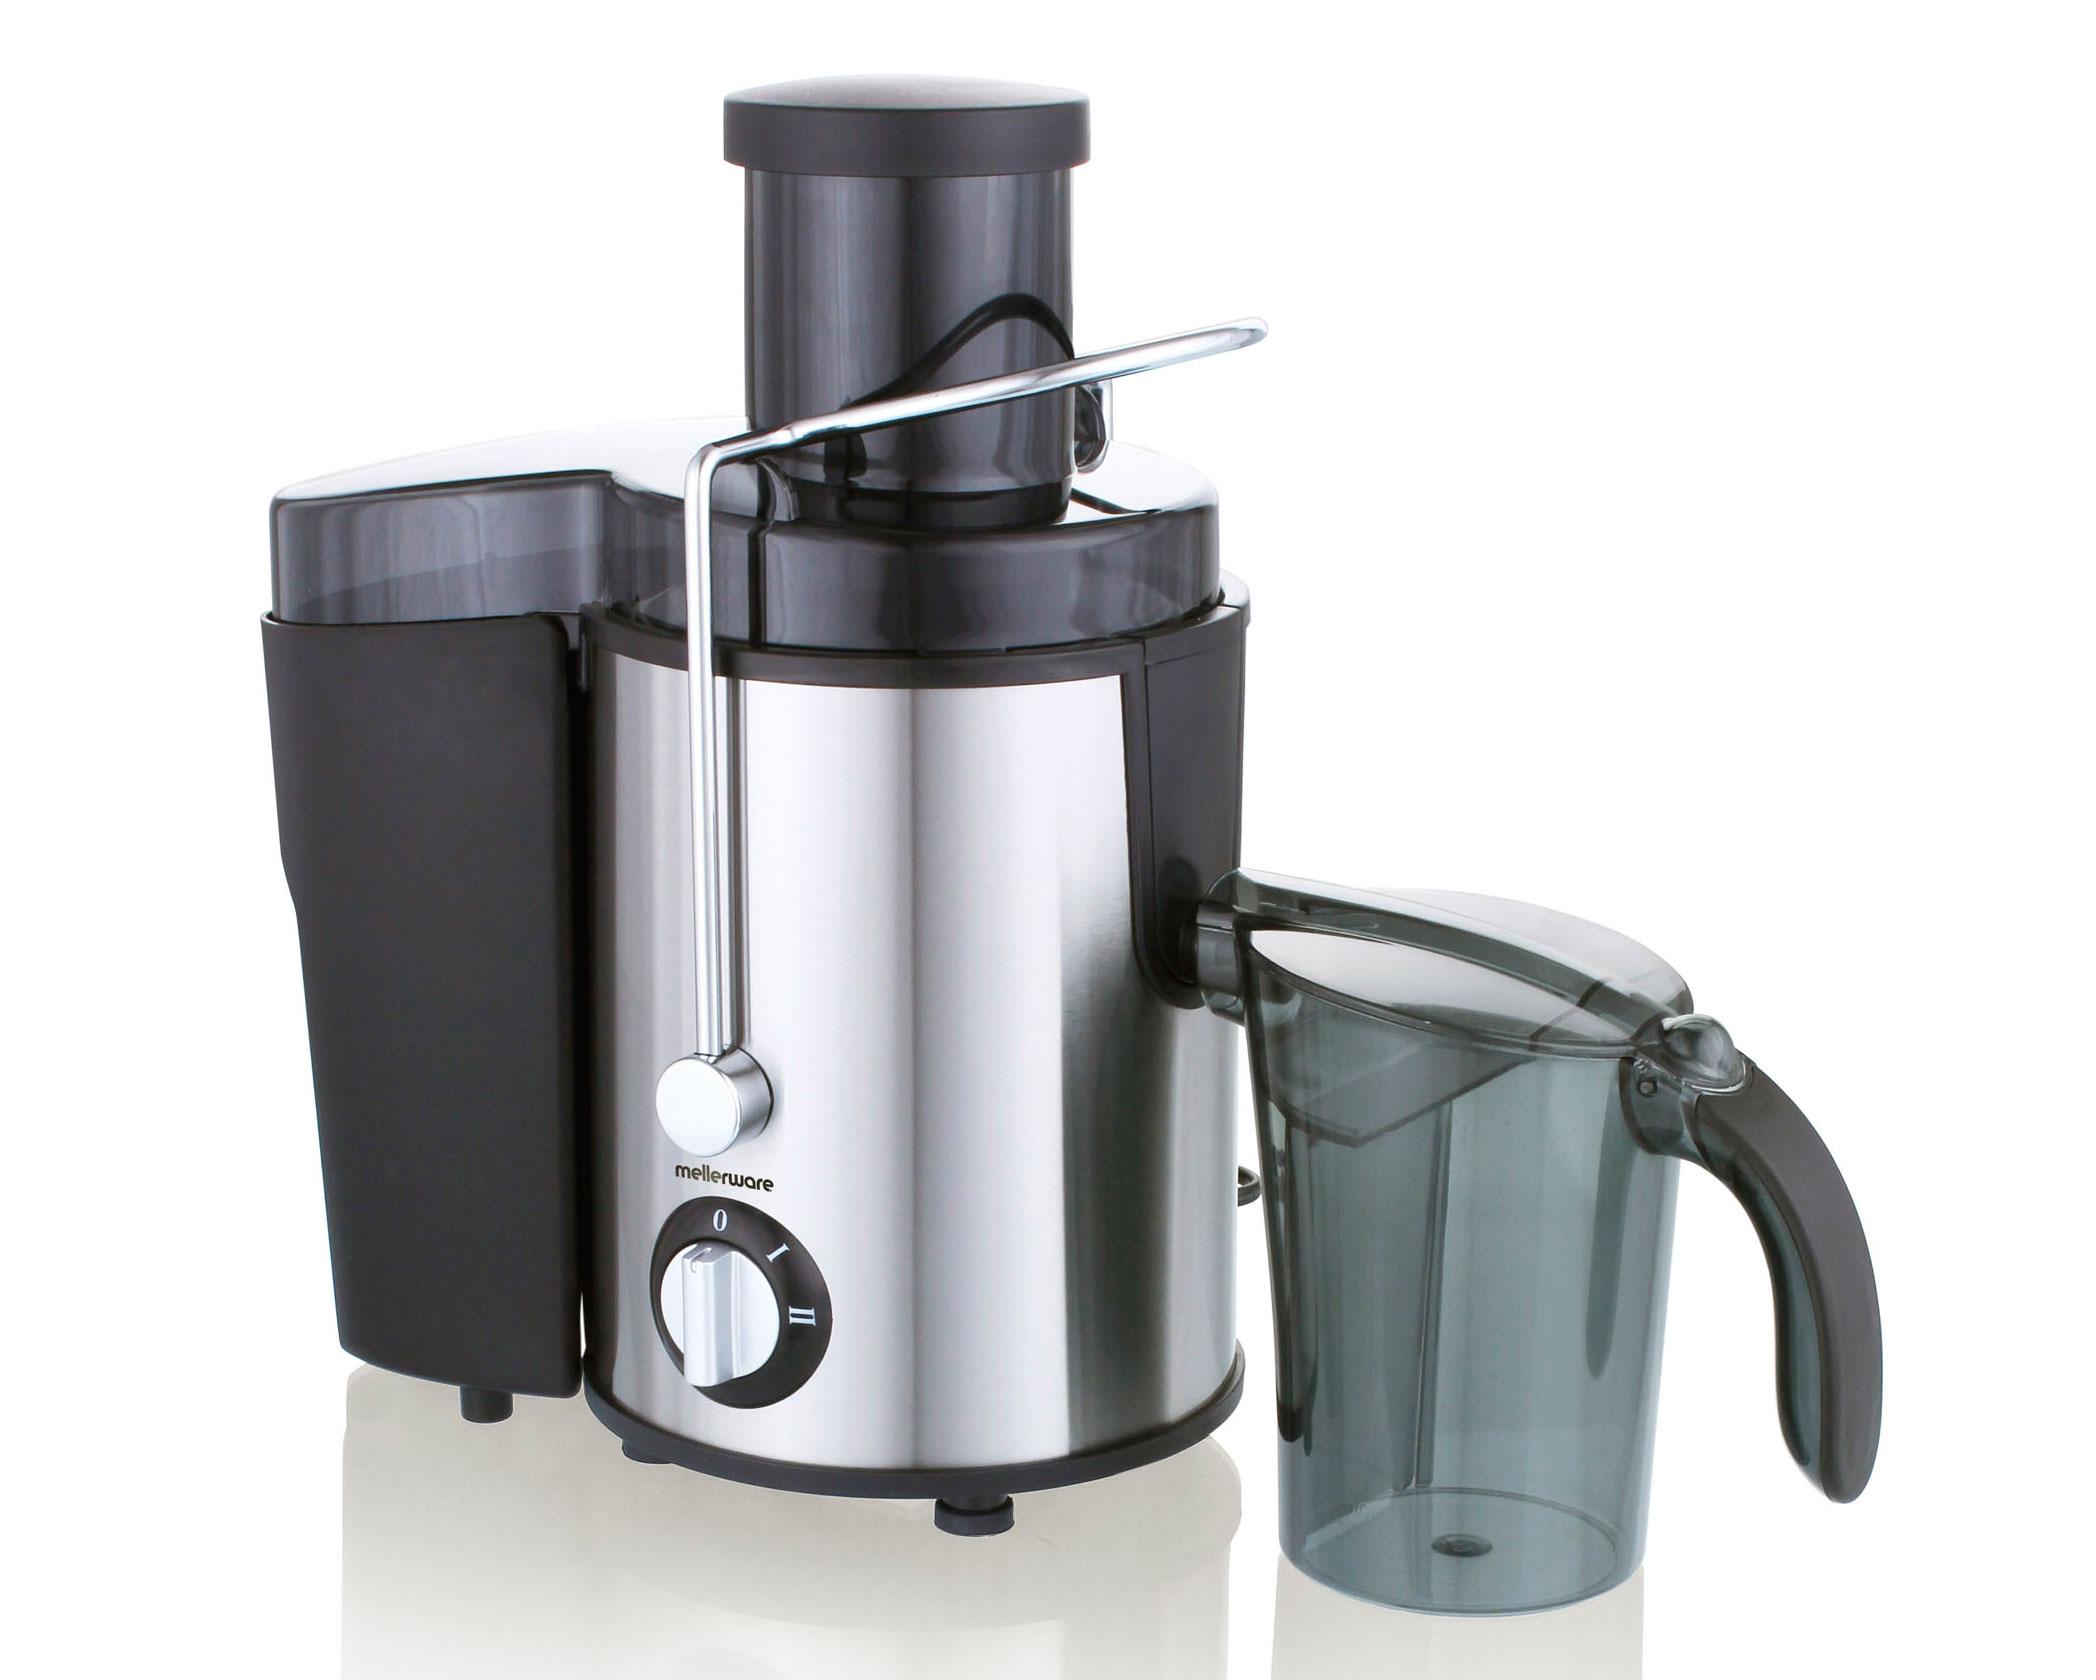 Liquafresh Juice Extractor Iii Mellerware 26300b